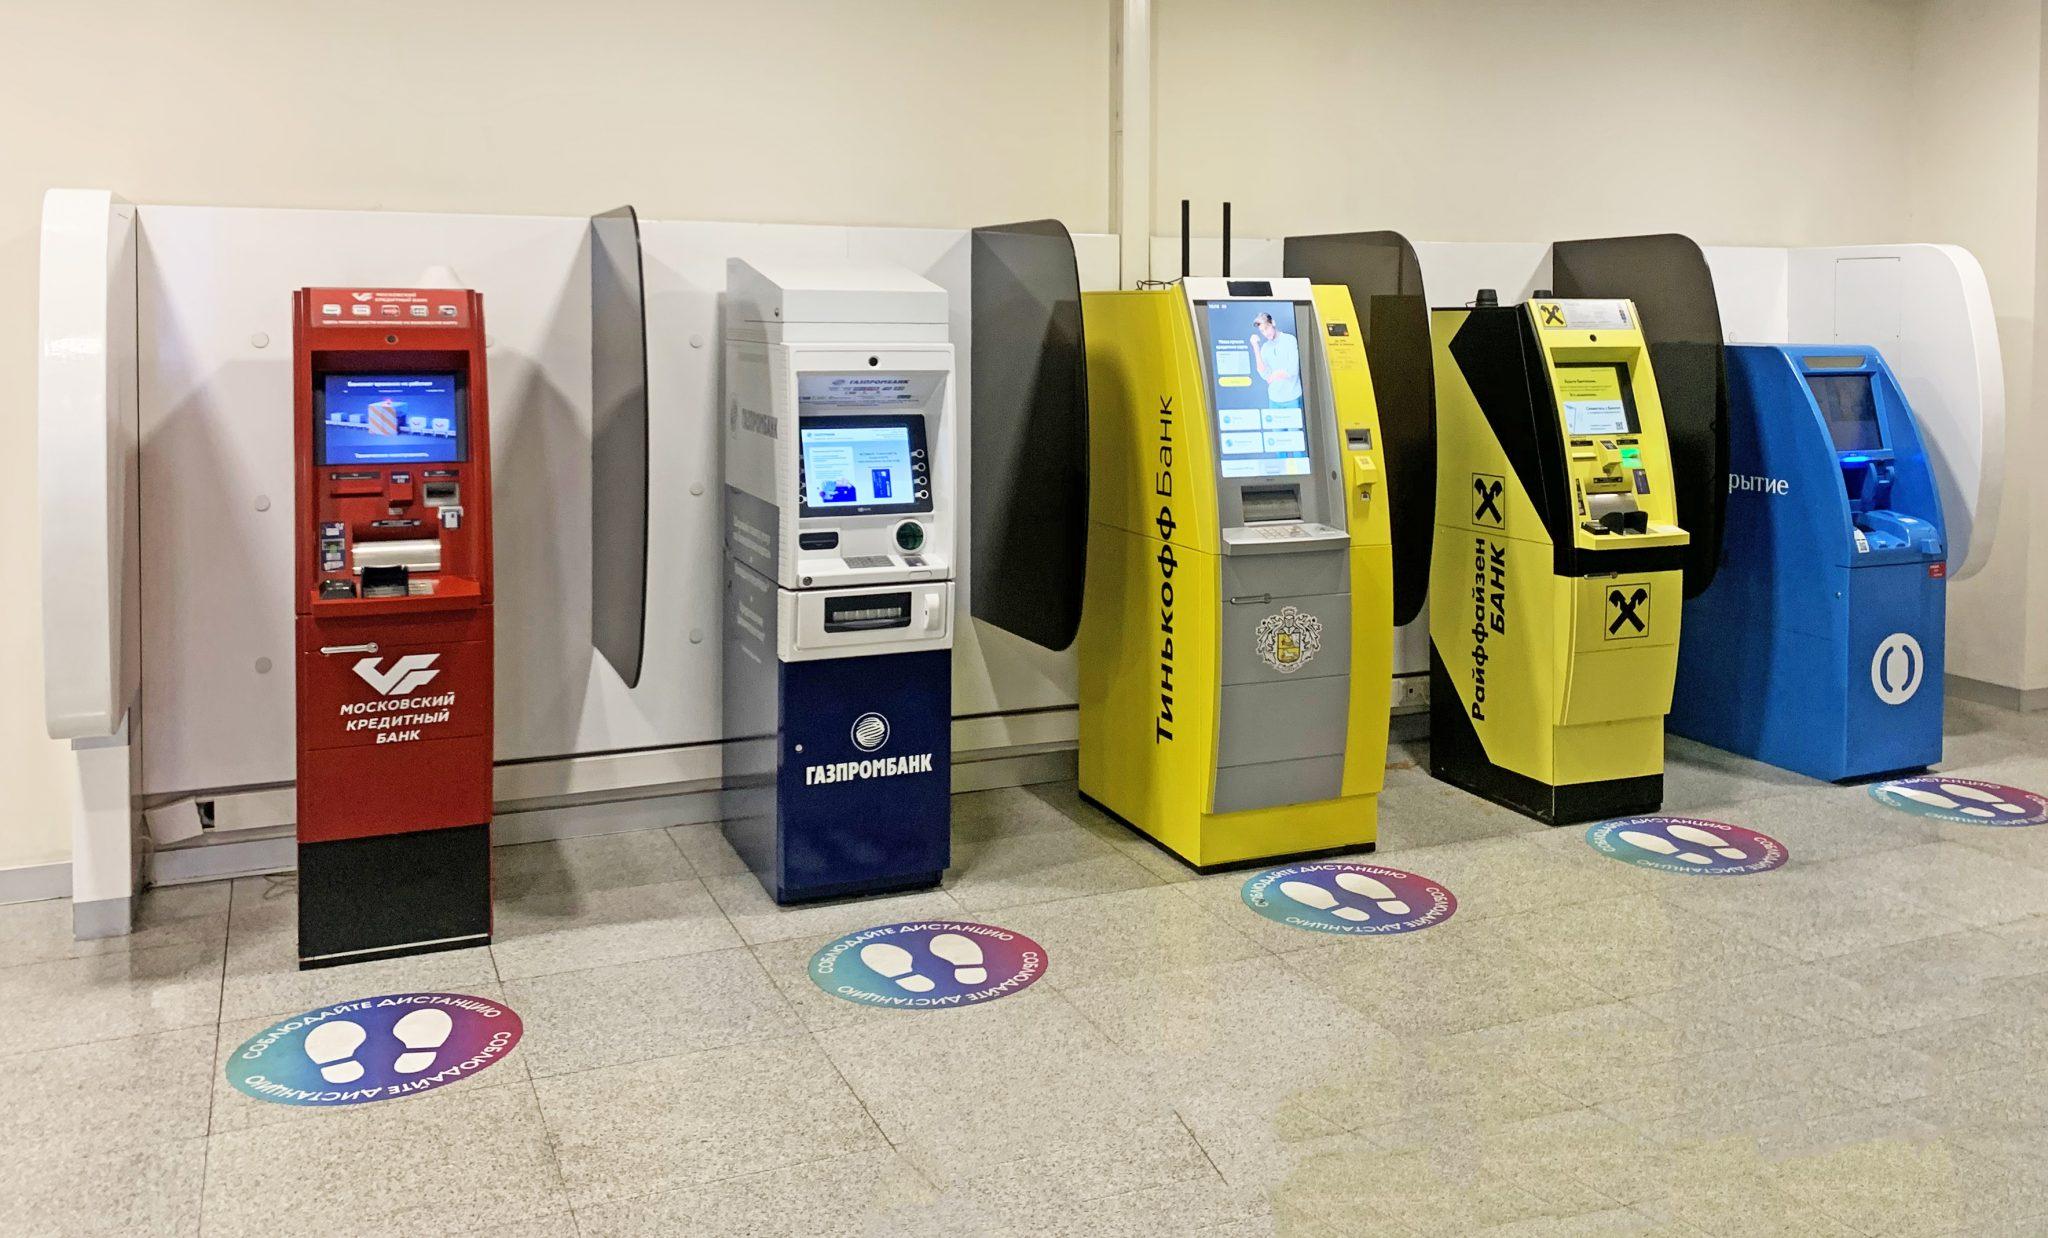 Россиян предупредили о неожиданном мошенничестве при снятии денег в банкомате